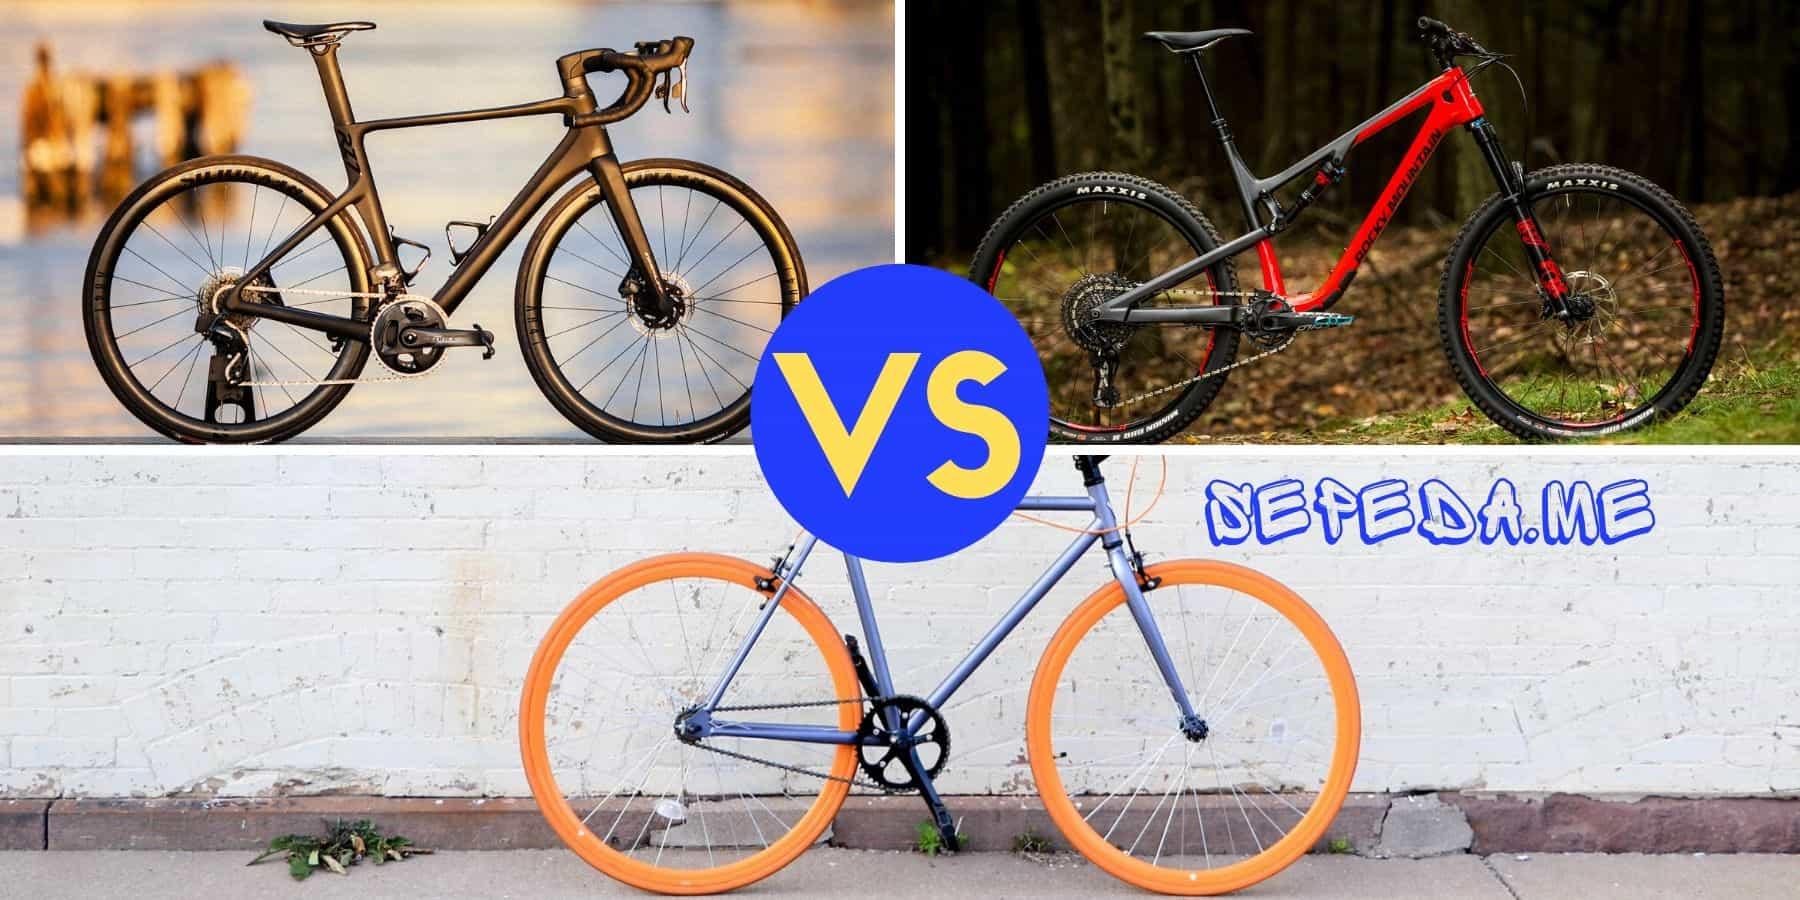 Perbandingan spesifikasi dan harga sepeda